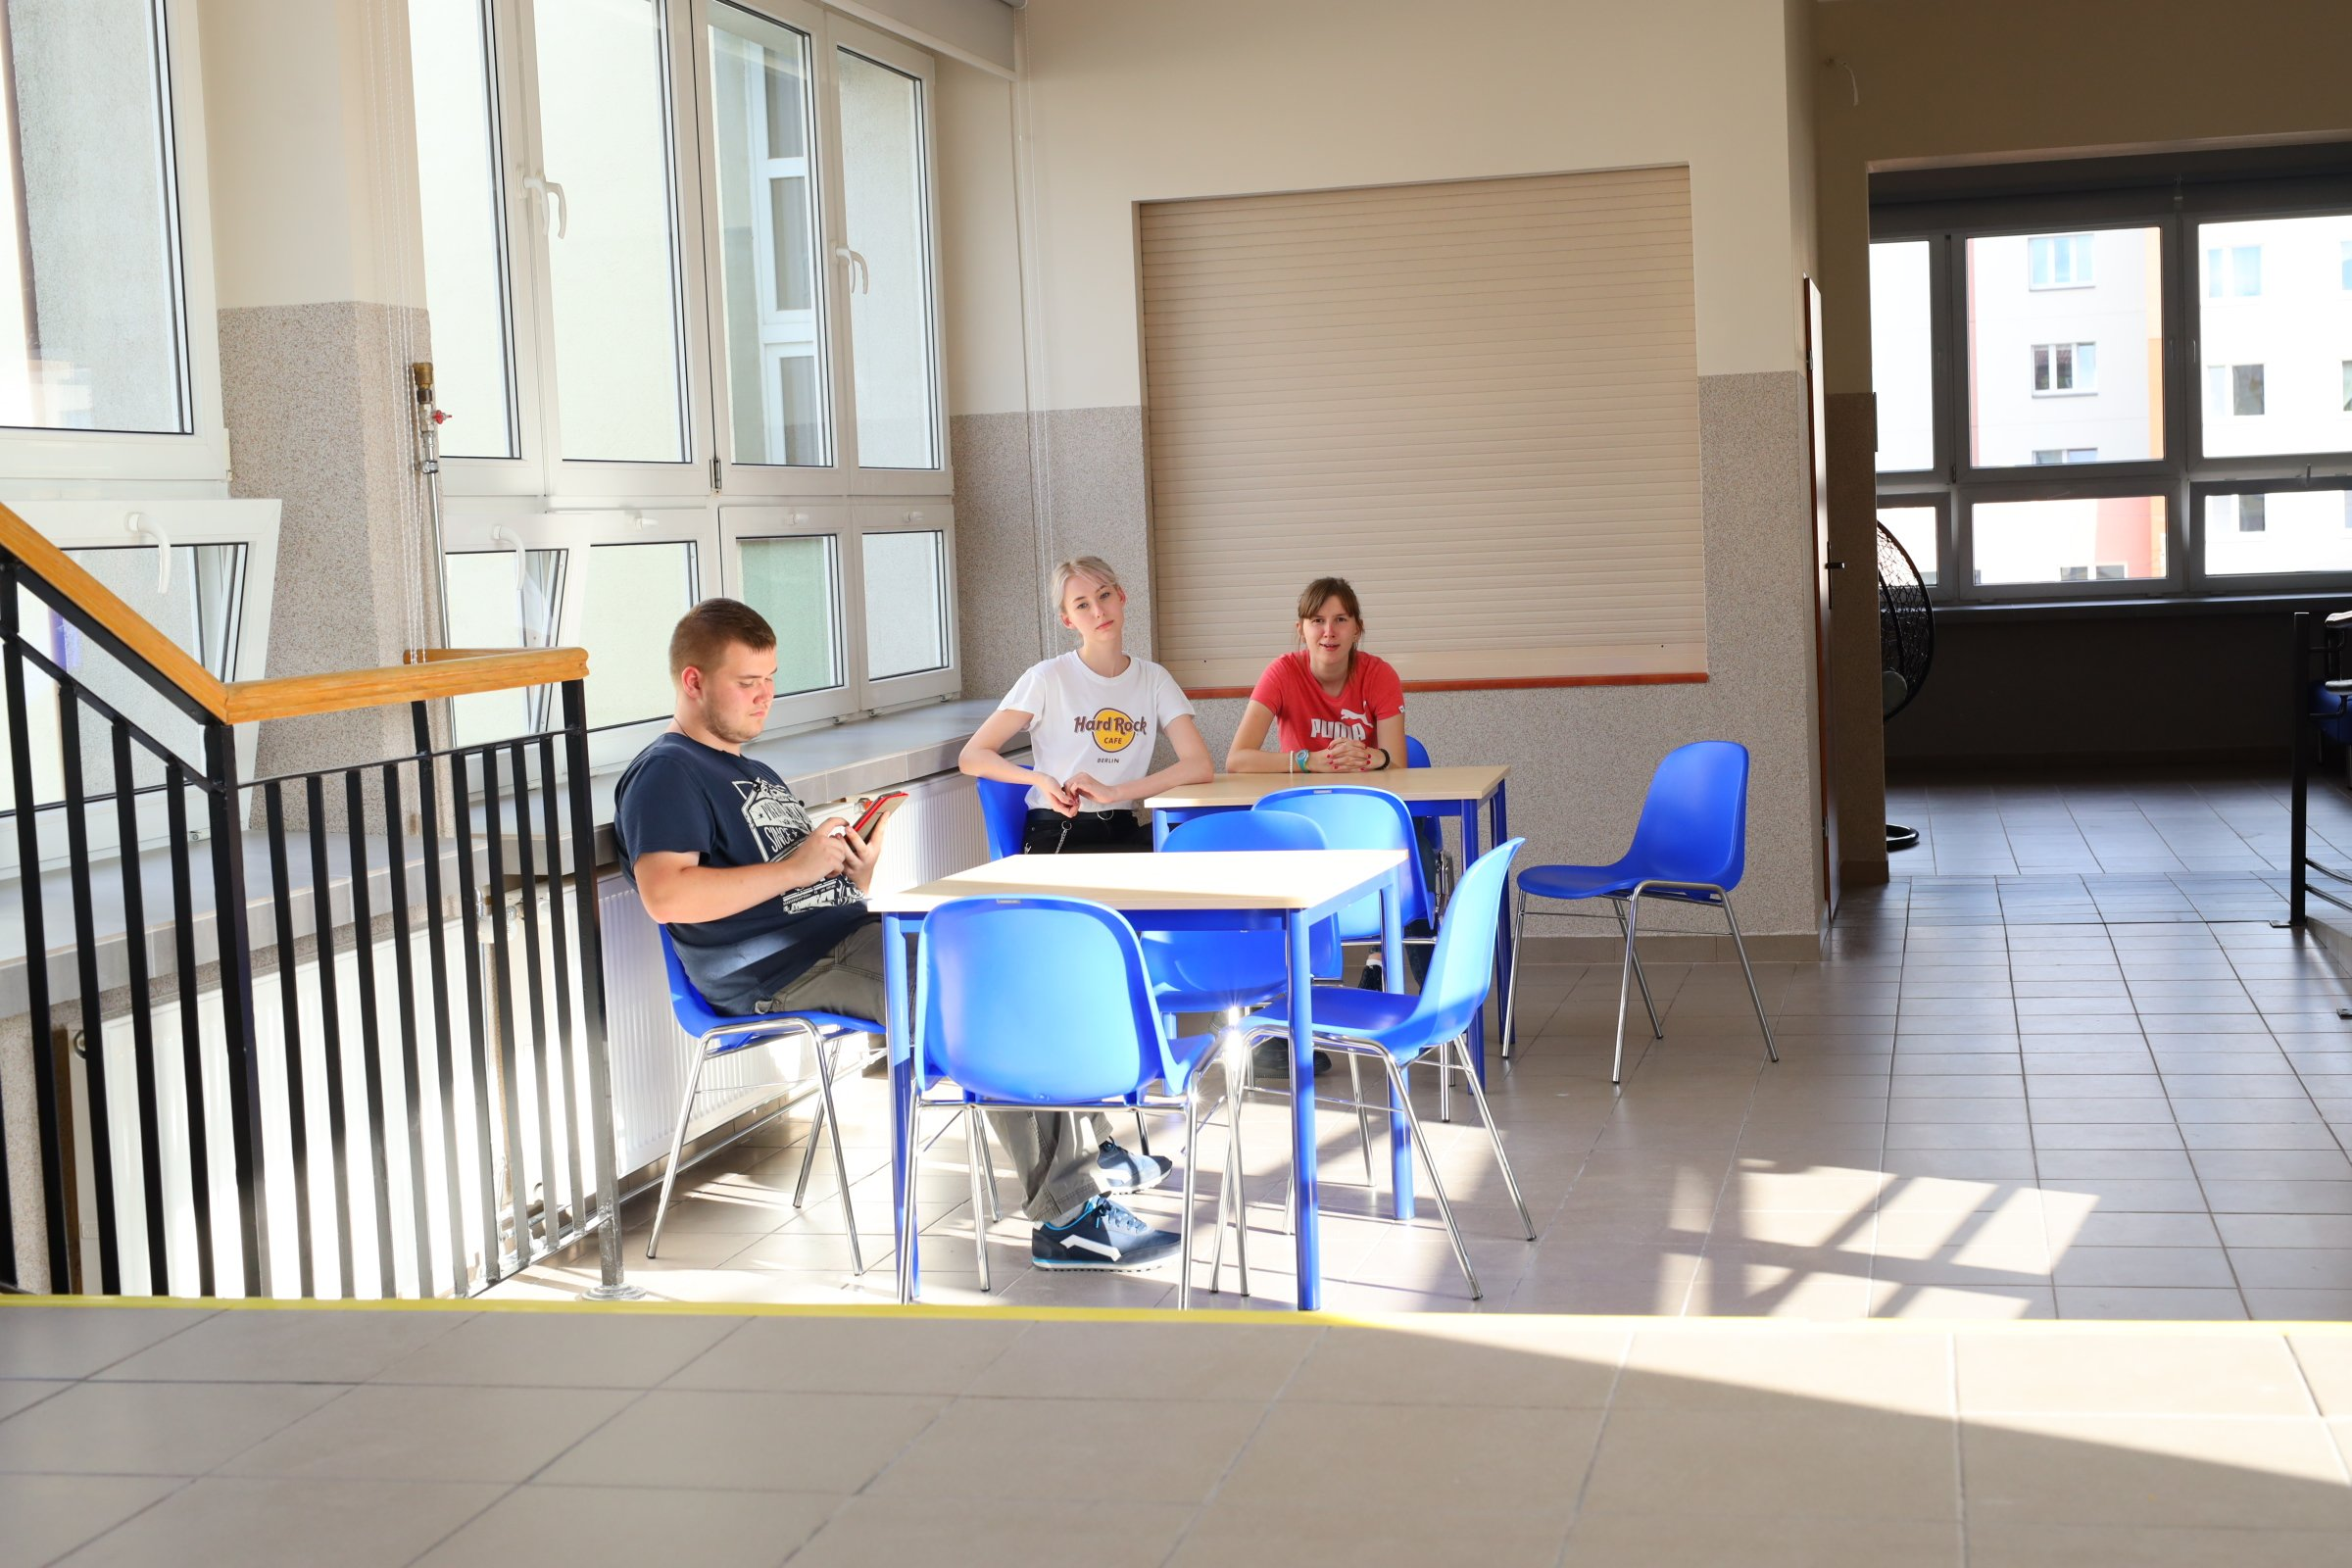 trzy młode osoby siedzą przy stolikach